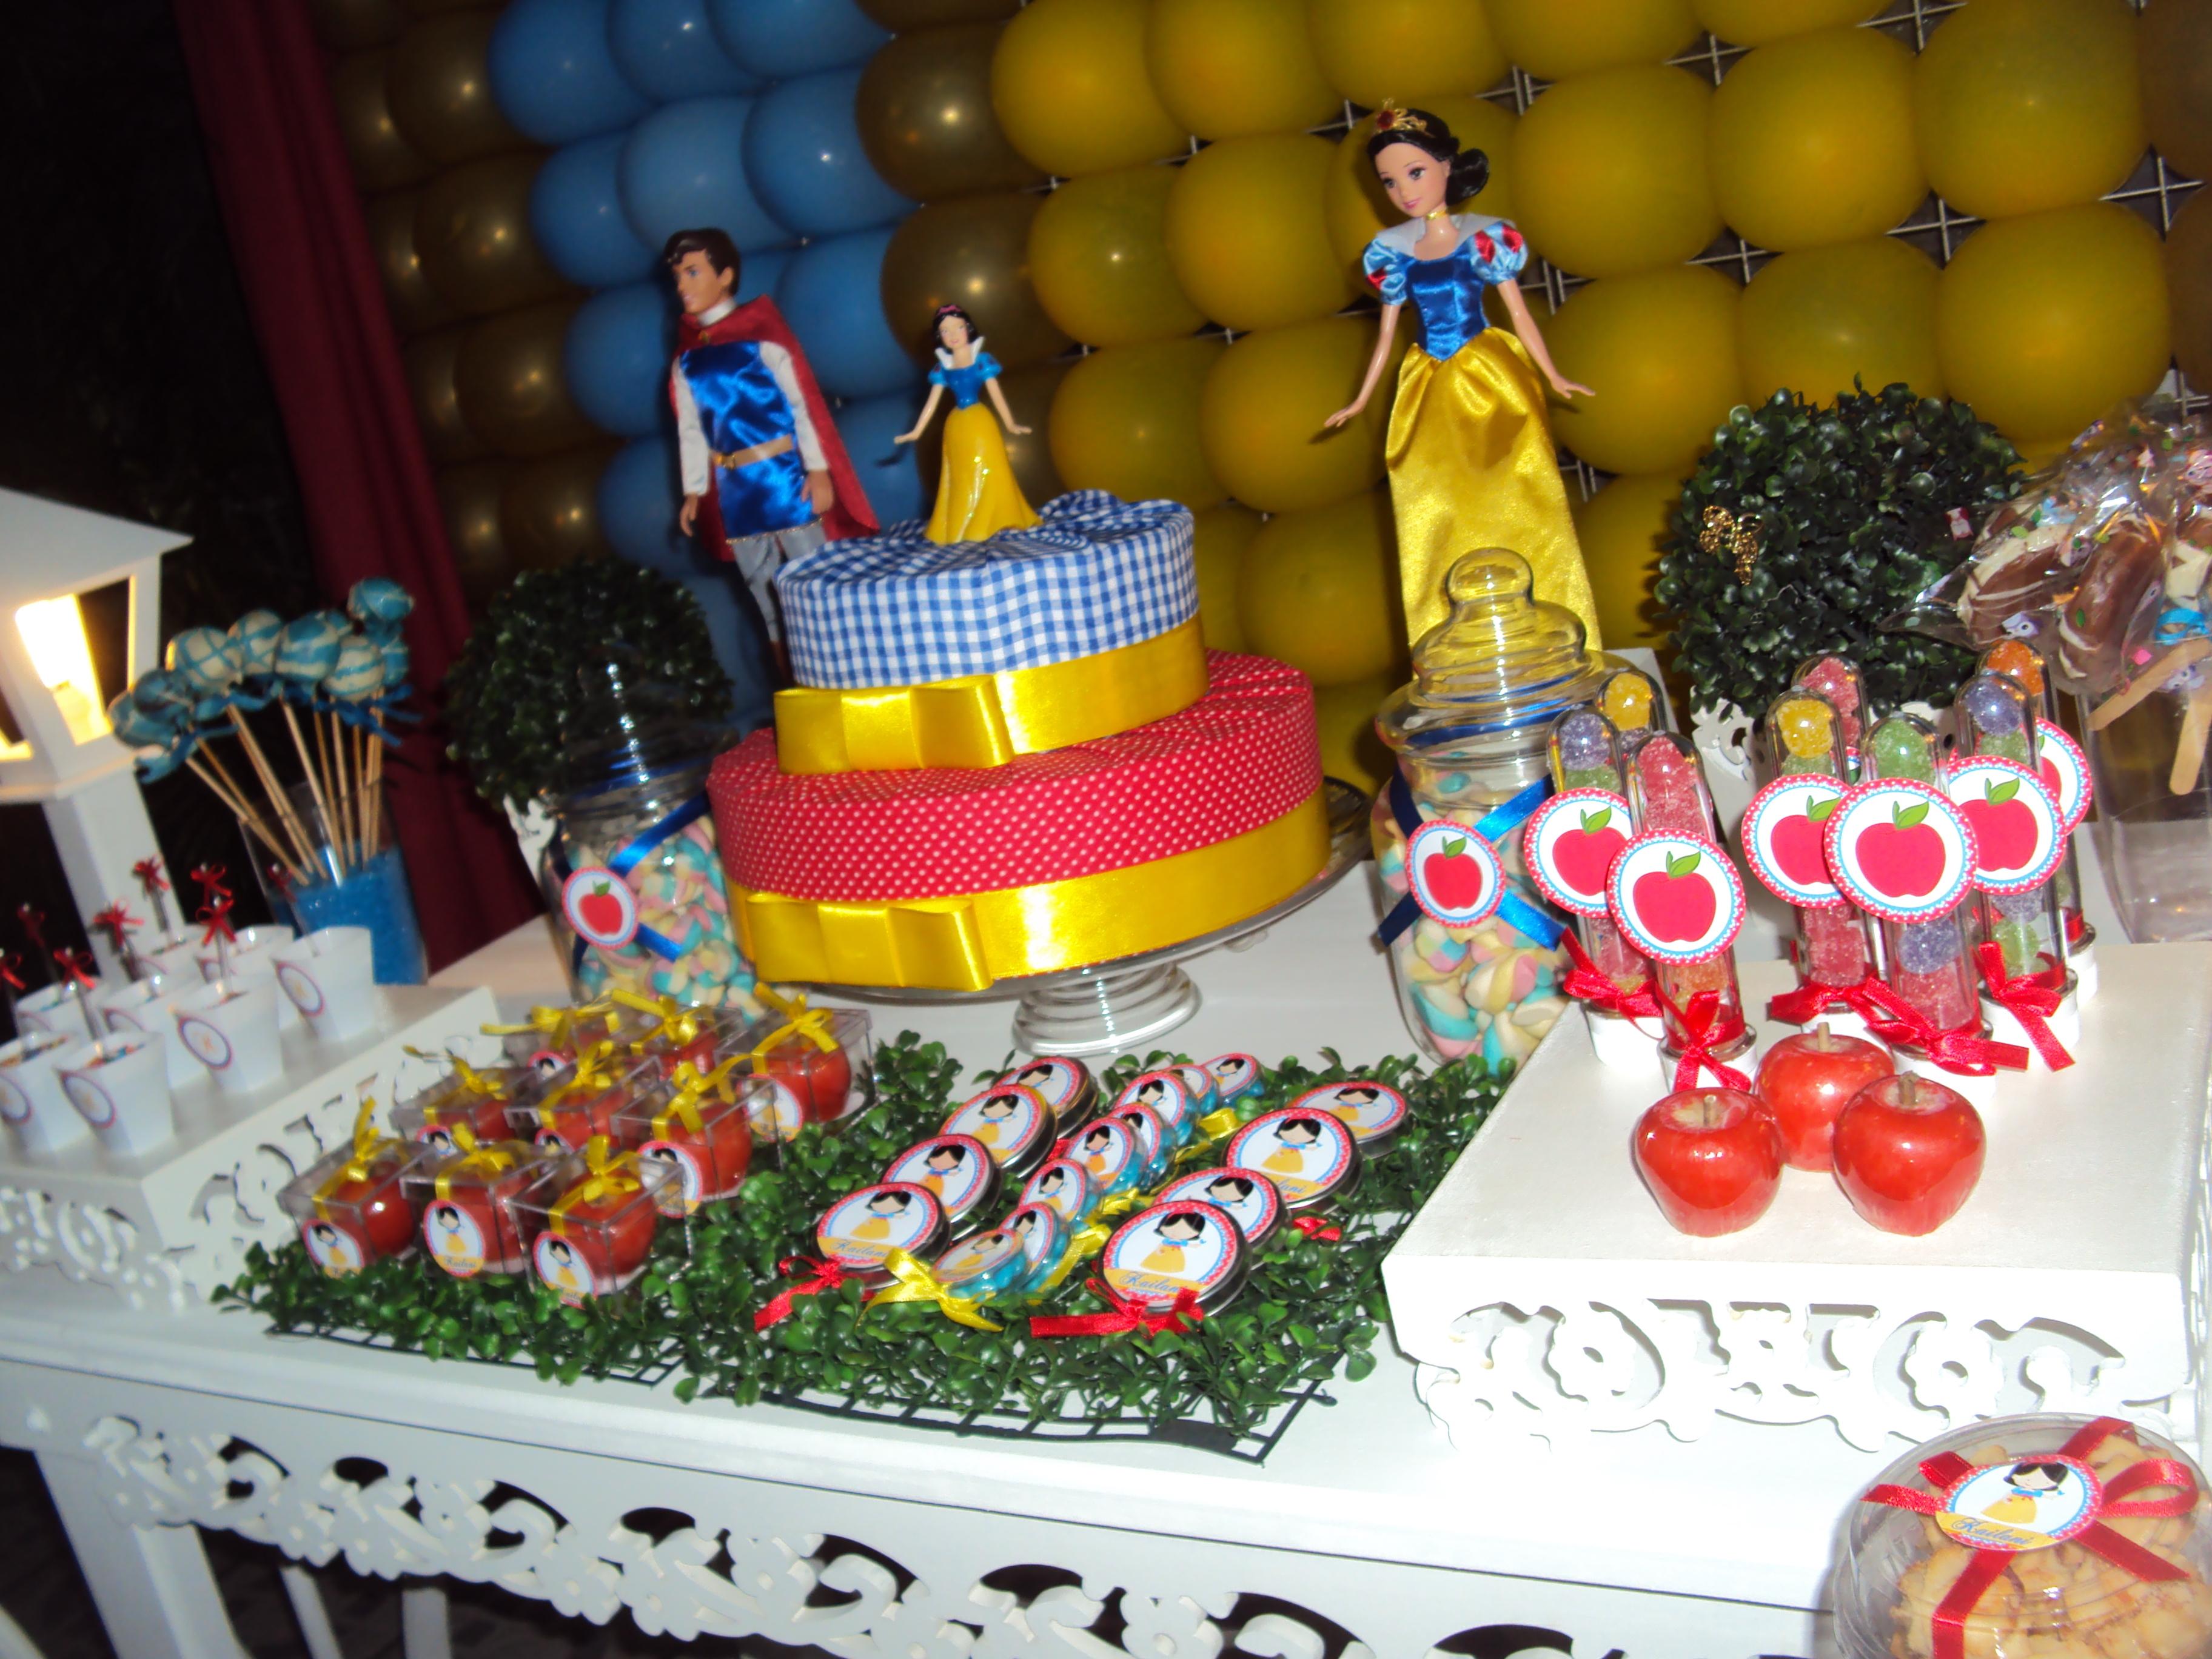 decoracao festa branca de neve provencal:decoracao festa provencal branca de neve decoracao festa provencal